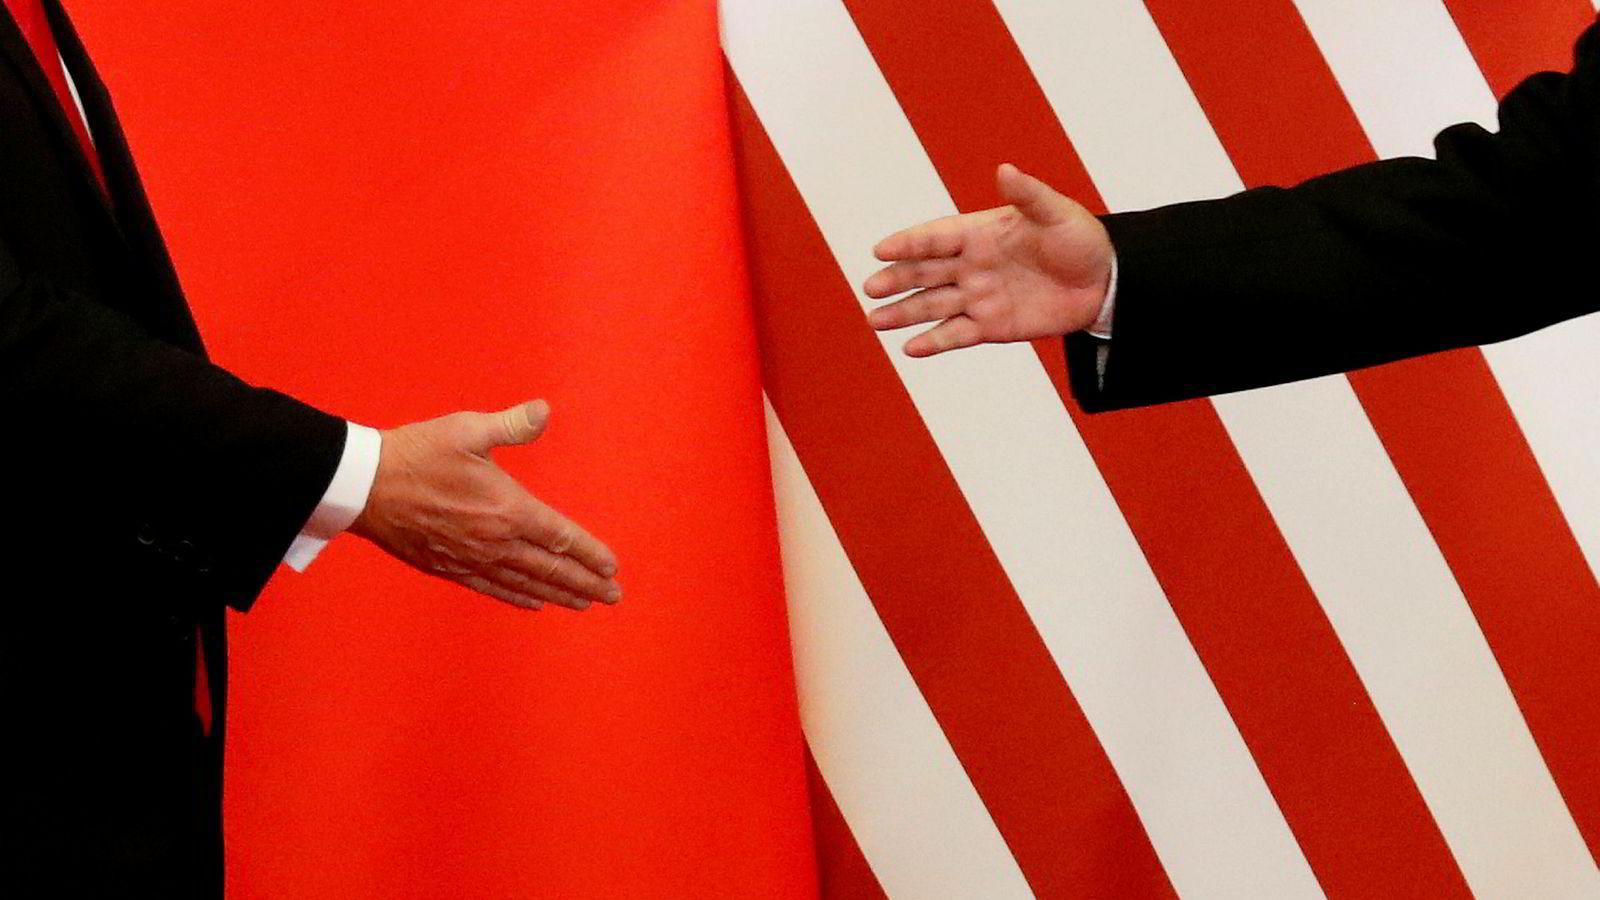 Washington har ikke vært redd for et Kina som kopierer, men er nærmest paniske overfor et Kina som ikke trenger å kopiere lenger, skriver artikkelforfatteren. Her USA sin president Donald Trump med presidenten i Kina, Xi Jinping, under et møte i november 2017.